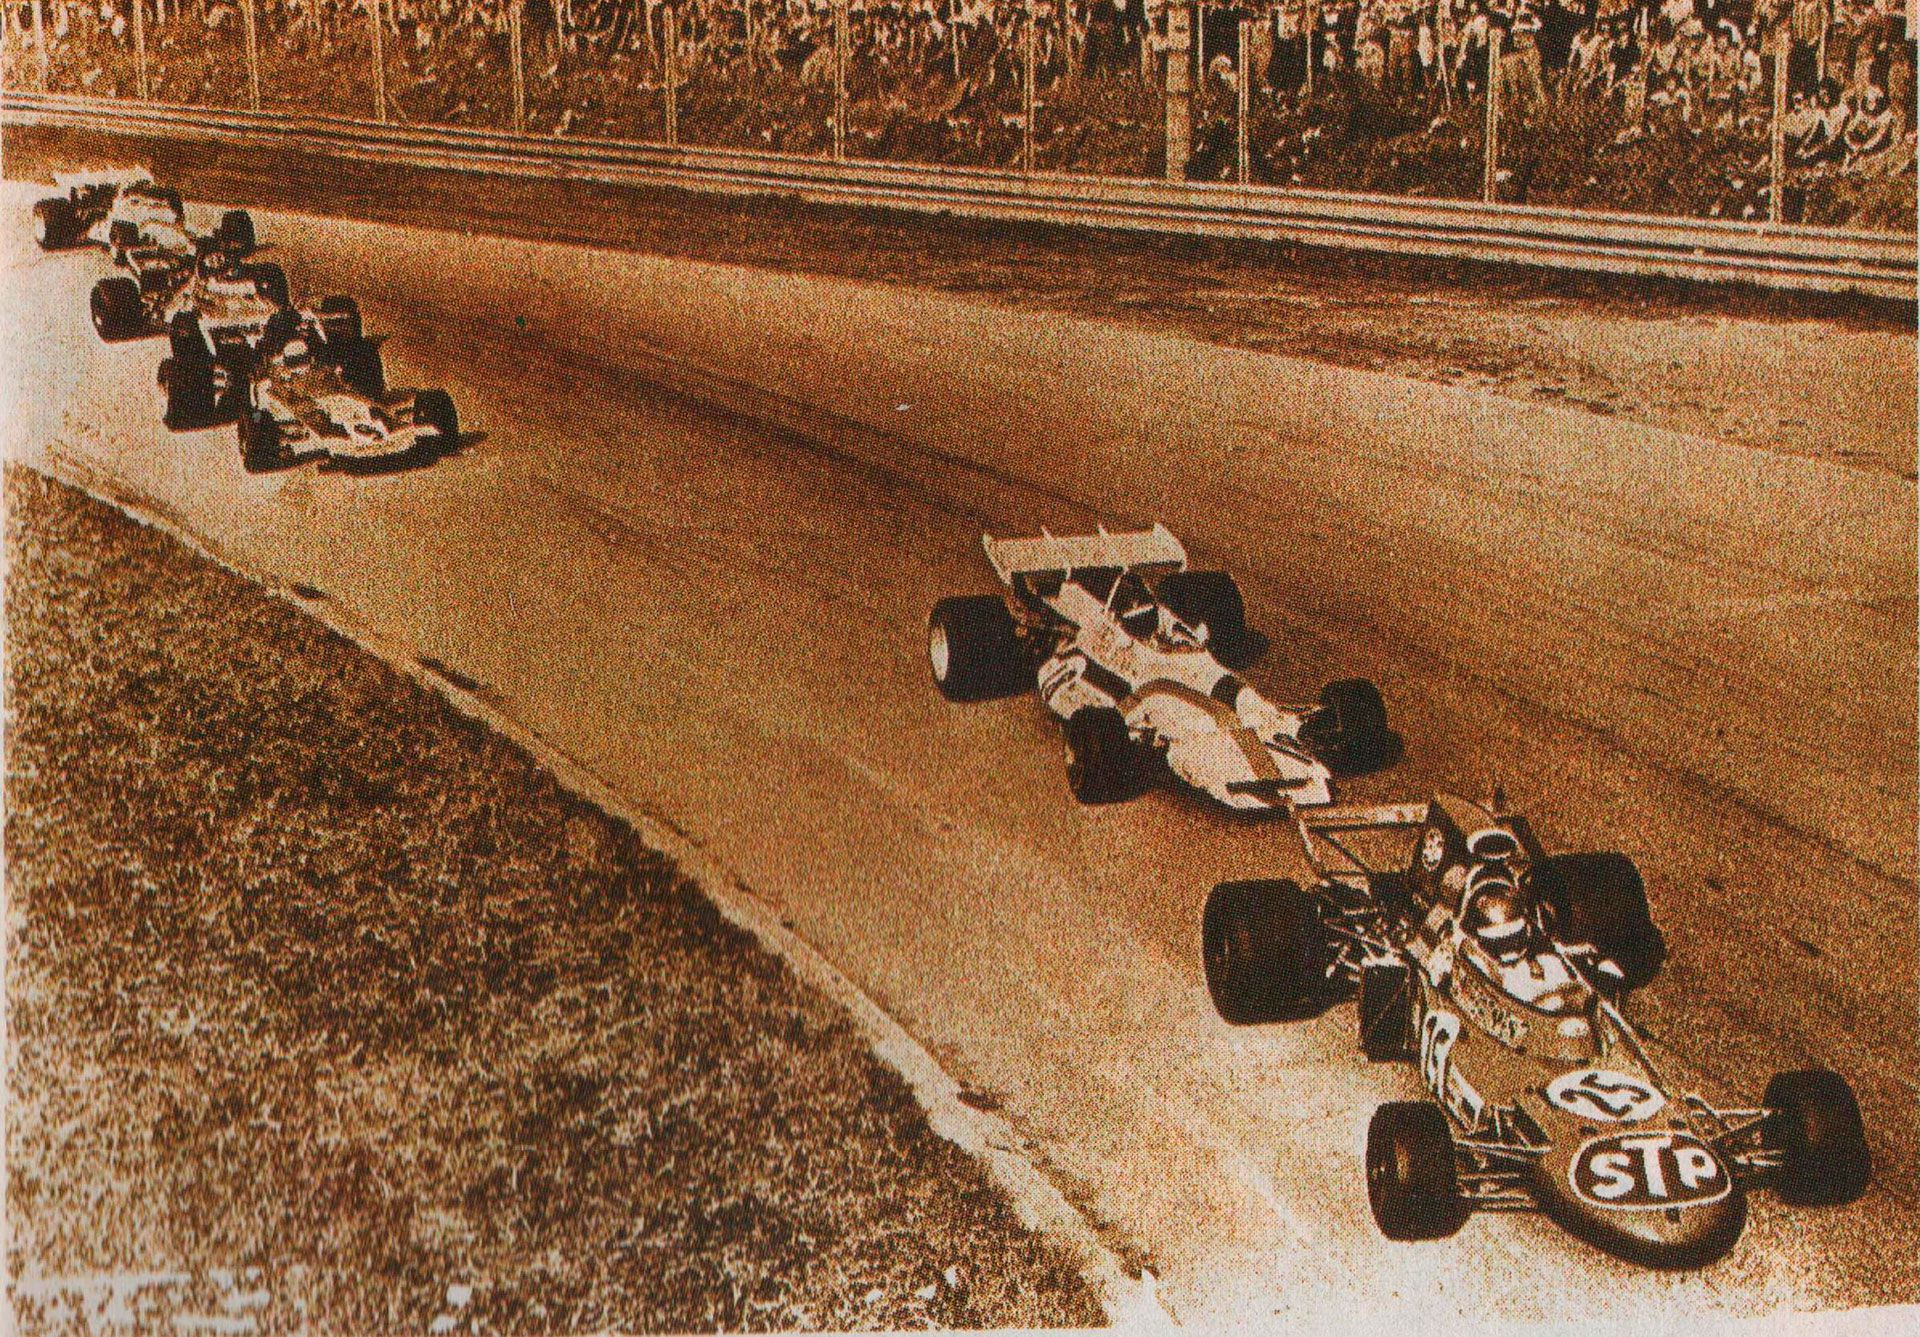 F1 GP de Italia 1971